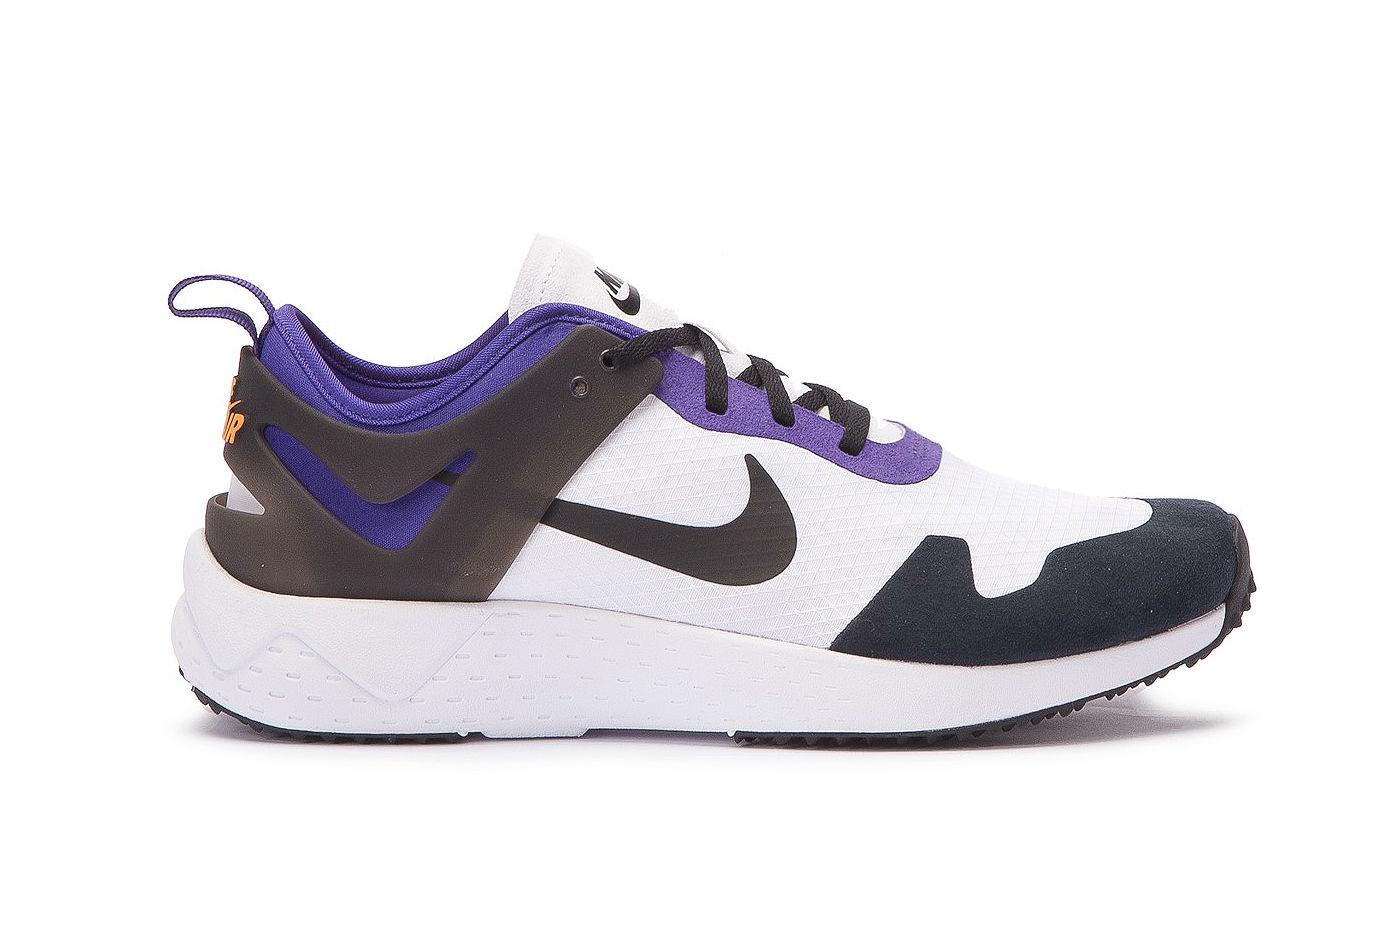 Nike Zoom Lite QS Black/White/Purple